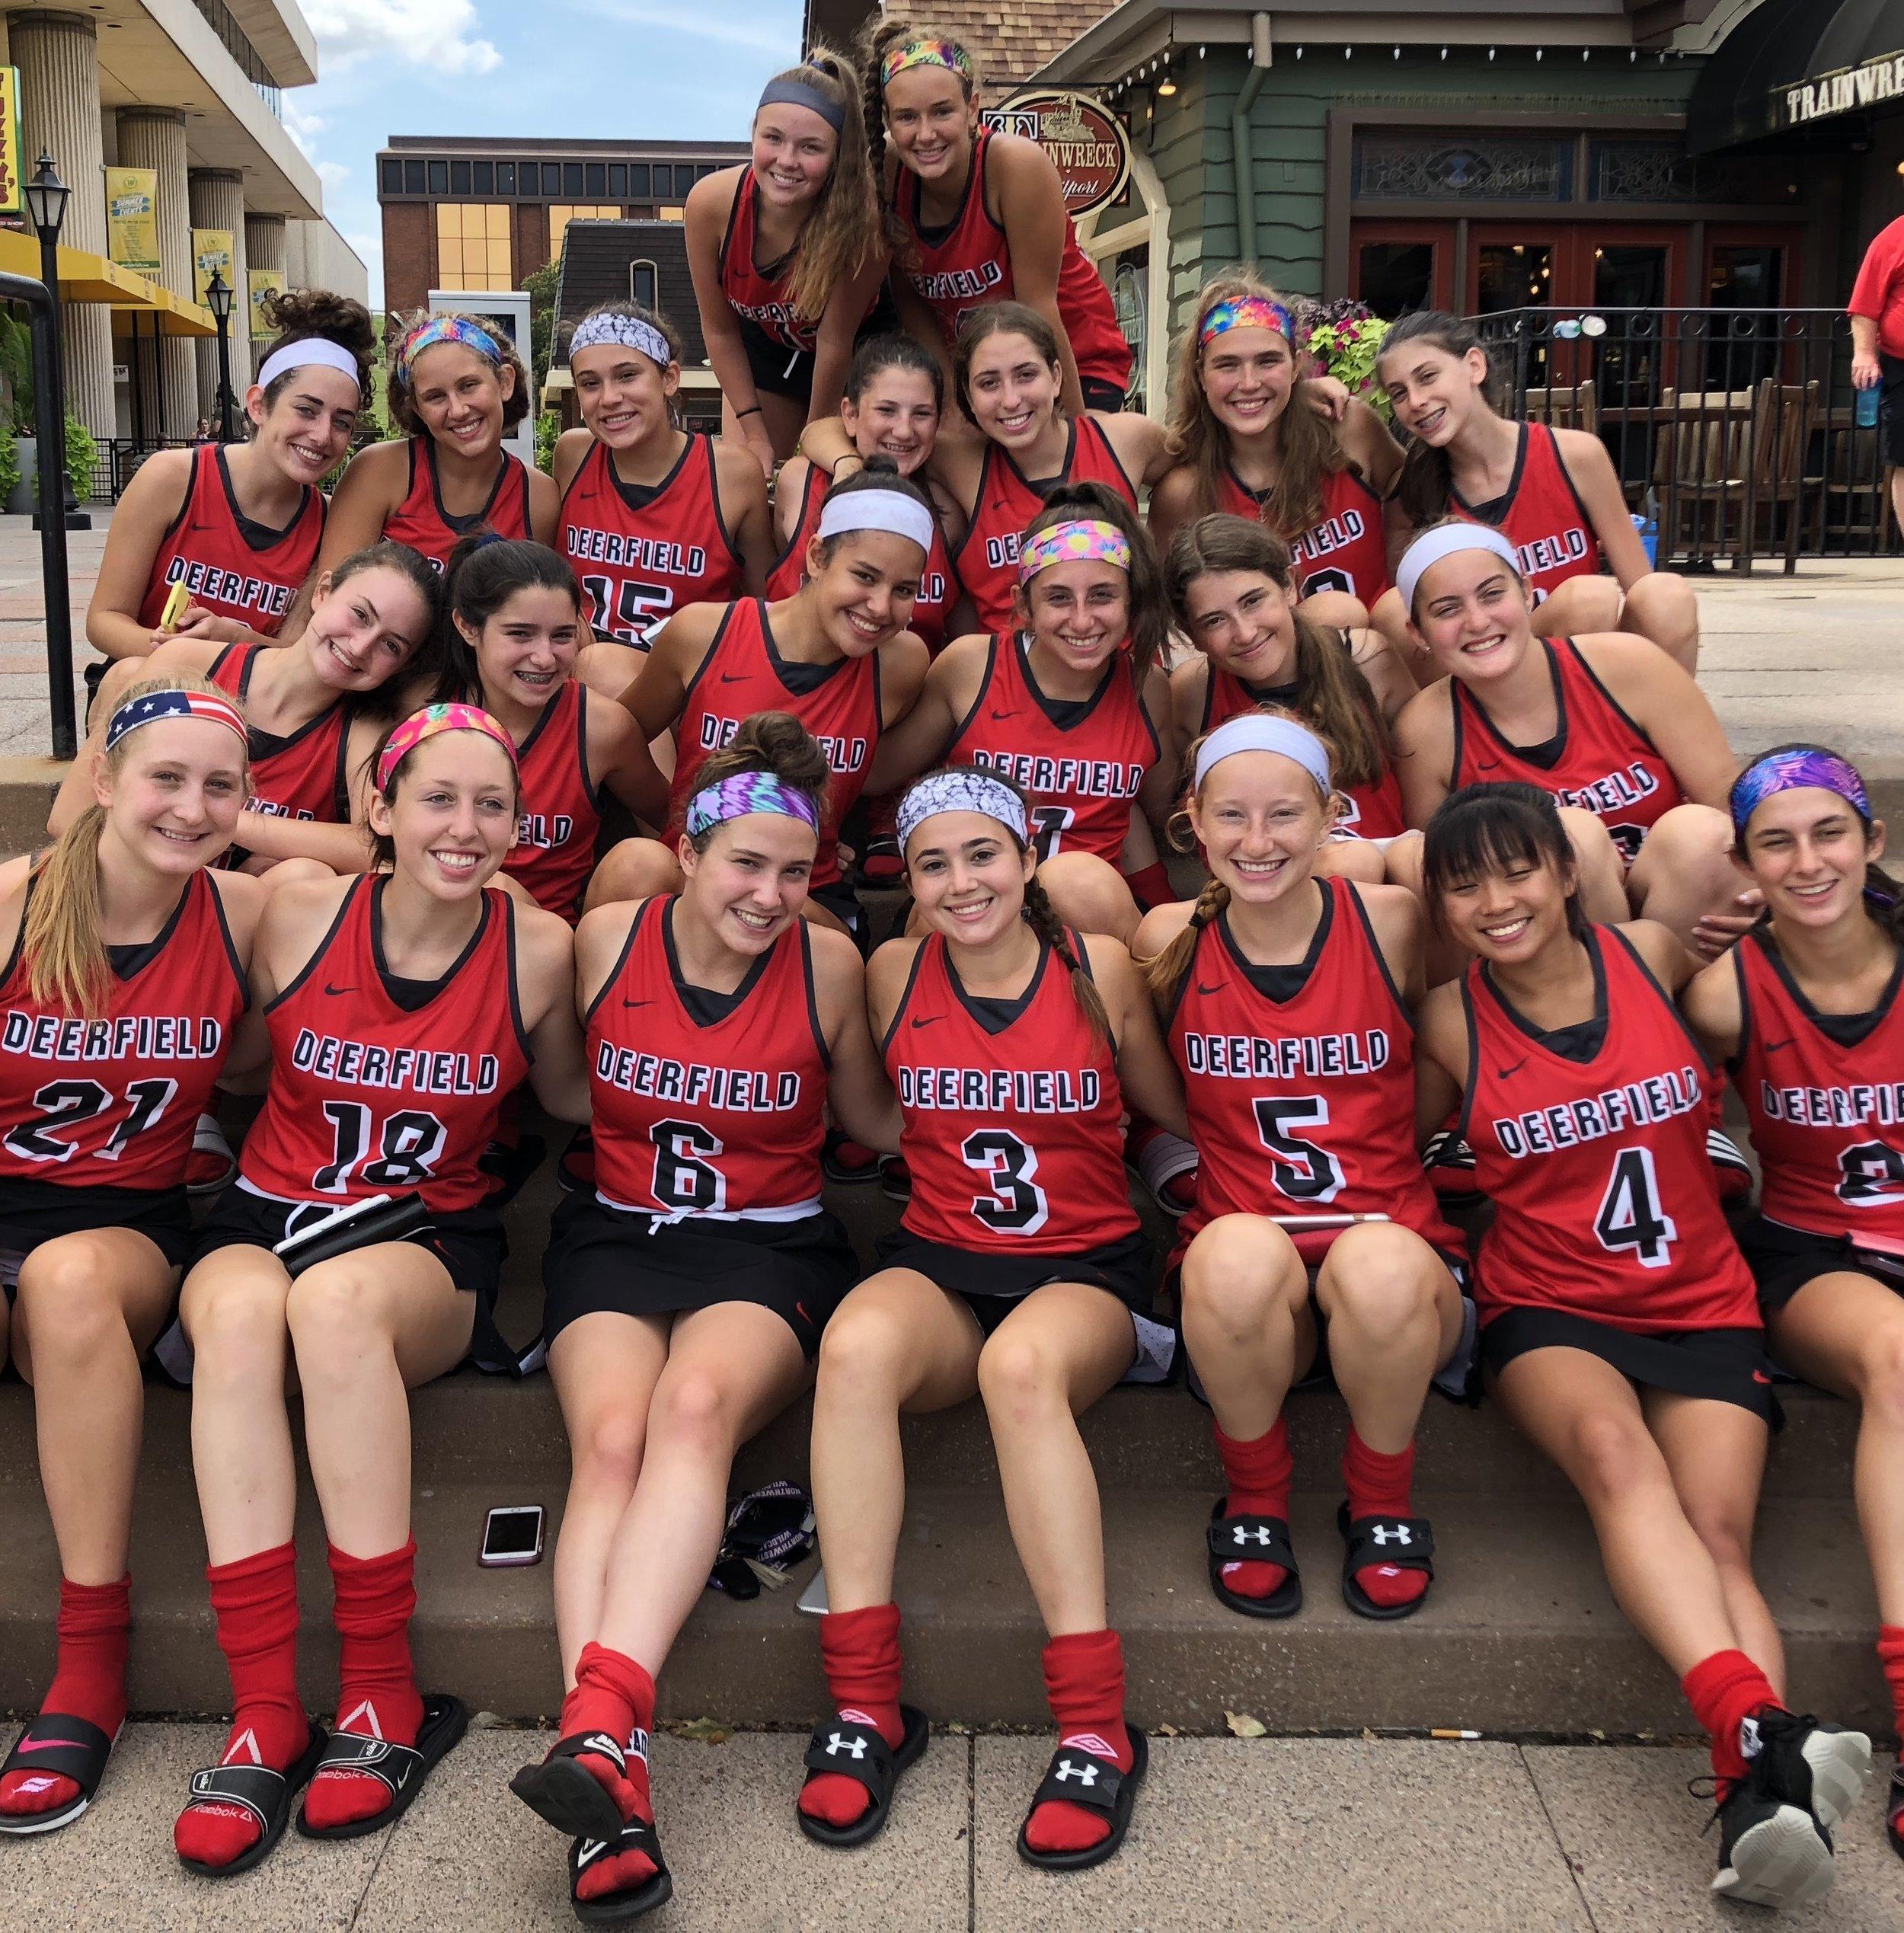 2018 Deerfield High School Varsity Field Hockey Team